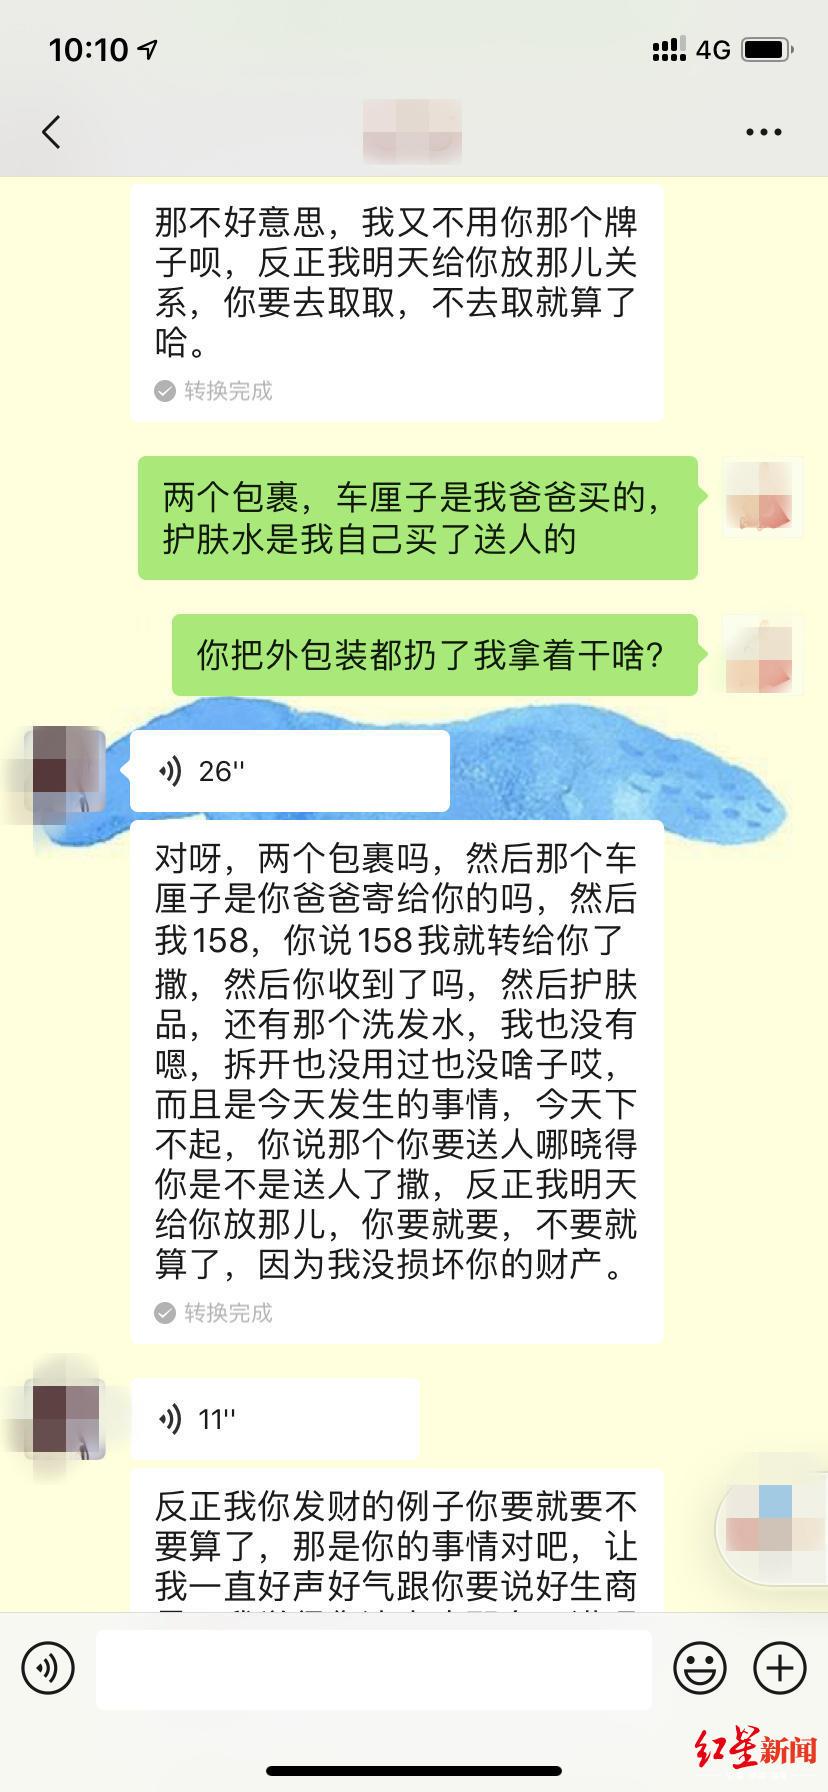 刘女士与邻居疏导座谈记录